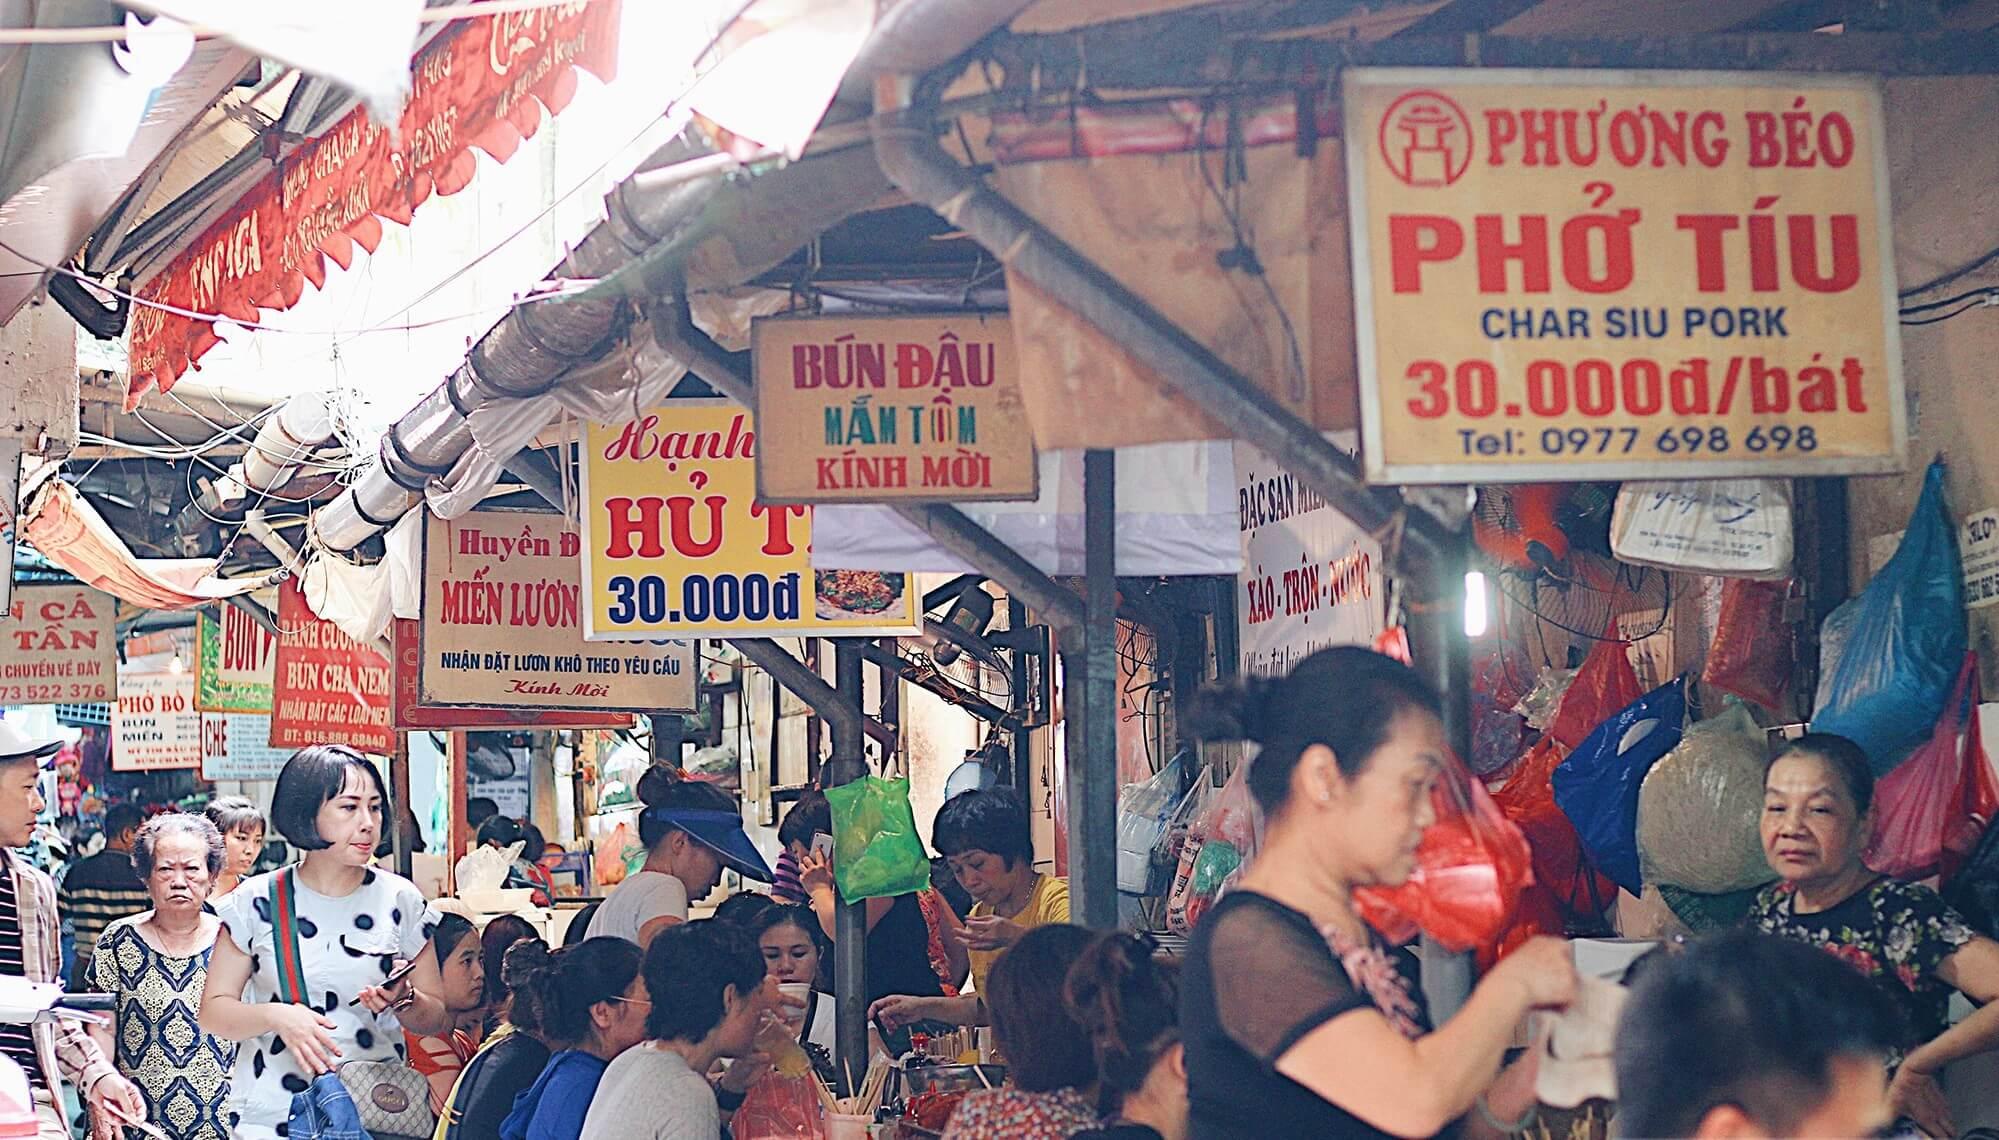 Trải nghiệm ẩm thực chợ Đồng Xuân/Đến chợ Đồng Xuân ăn món gì?